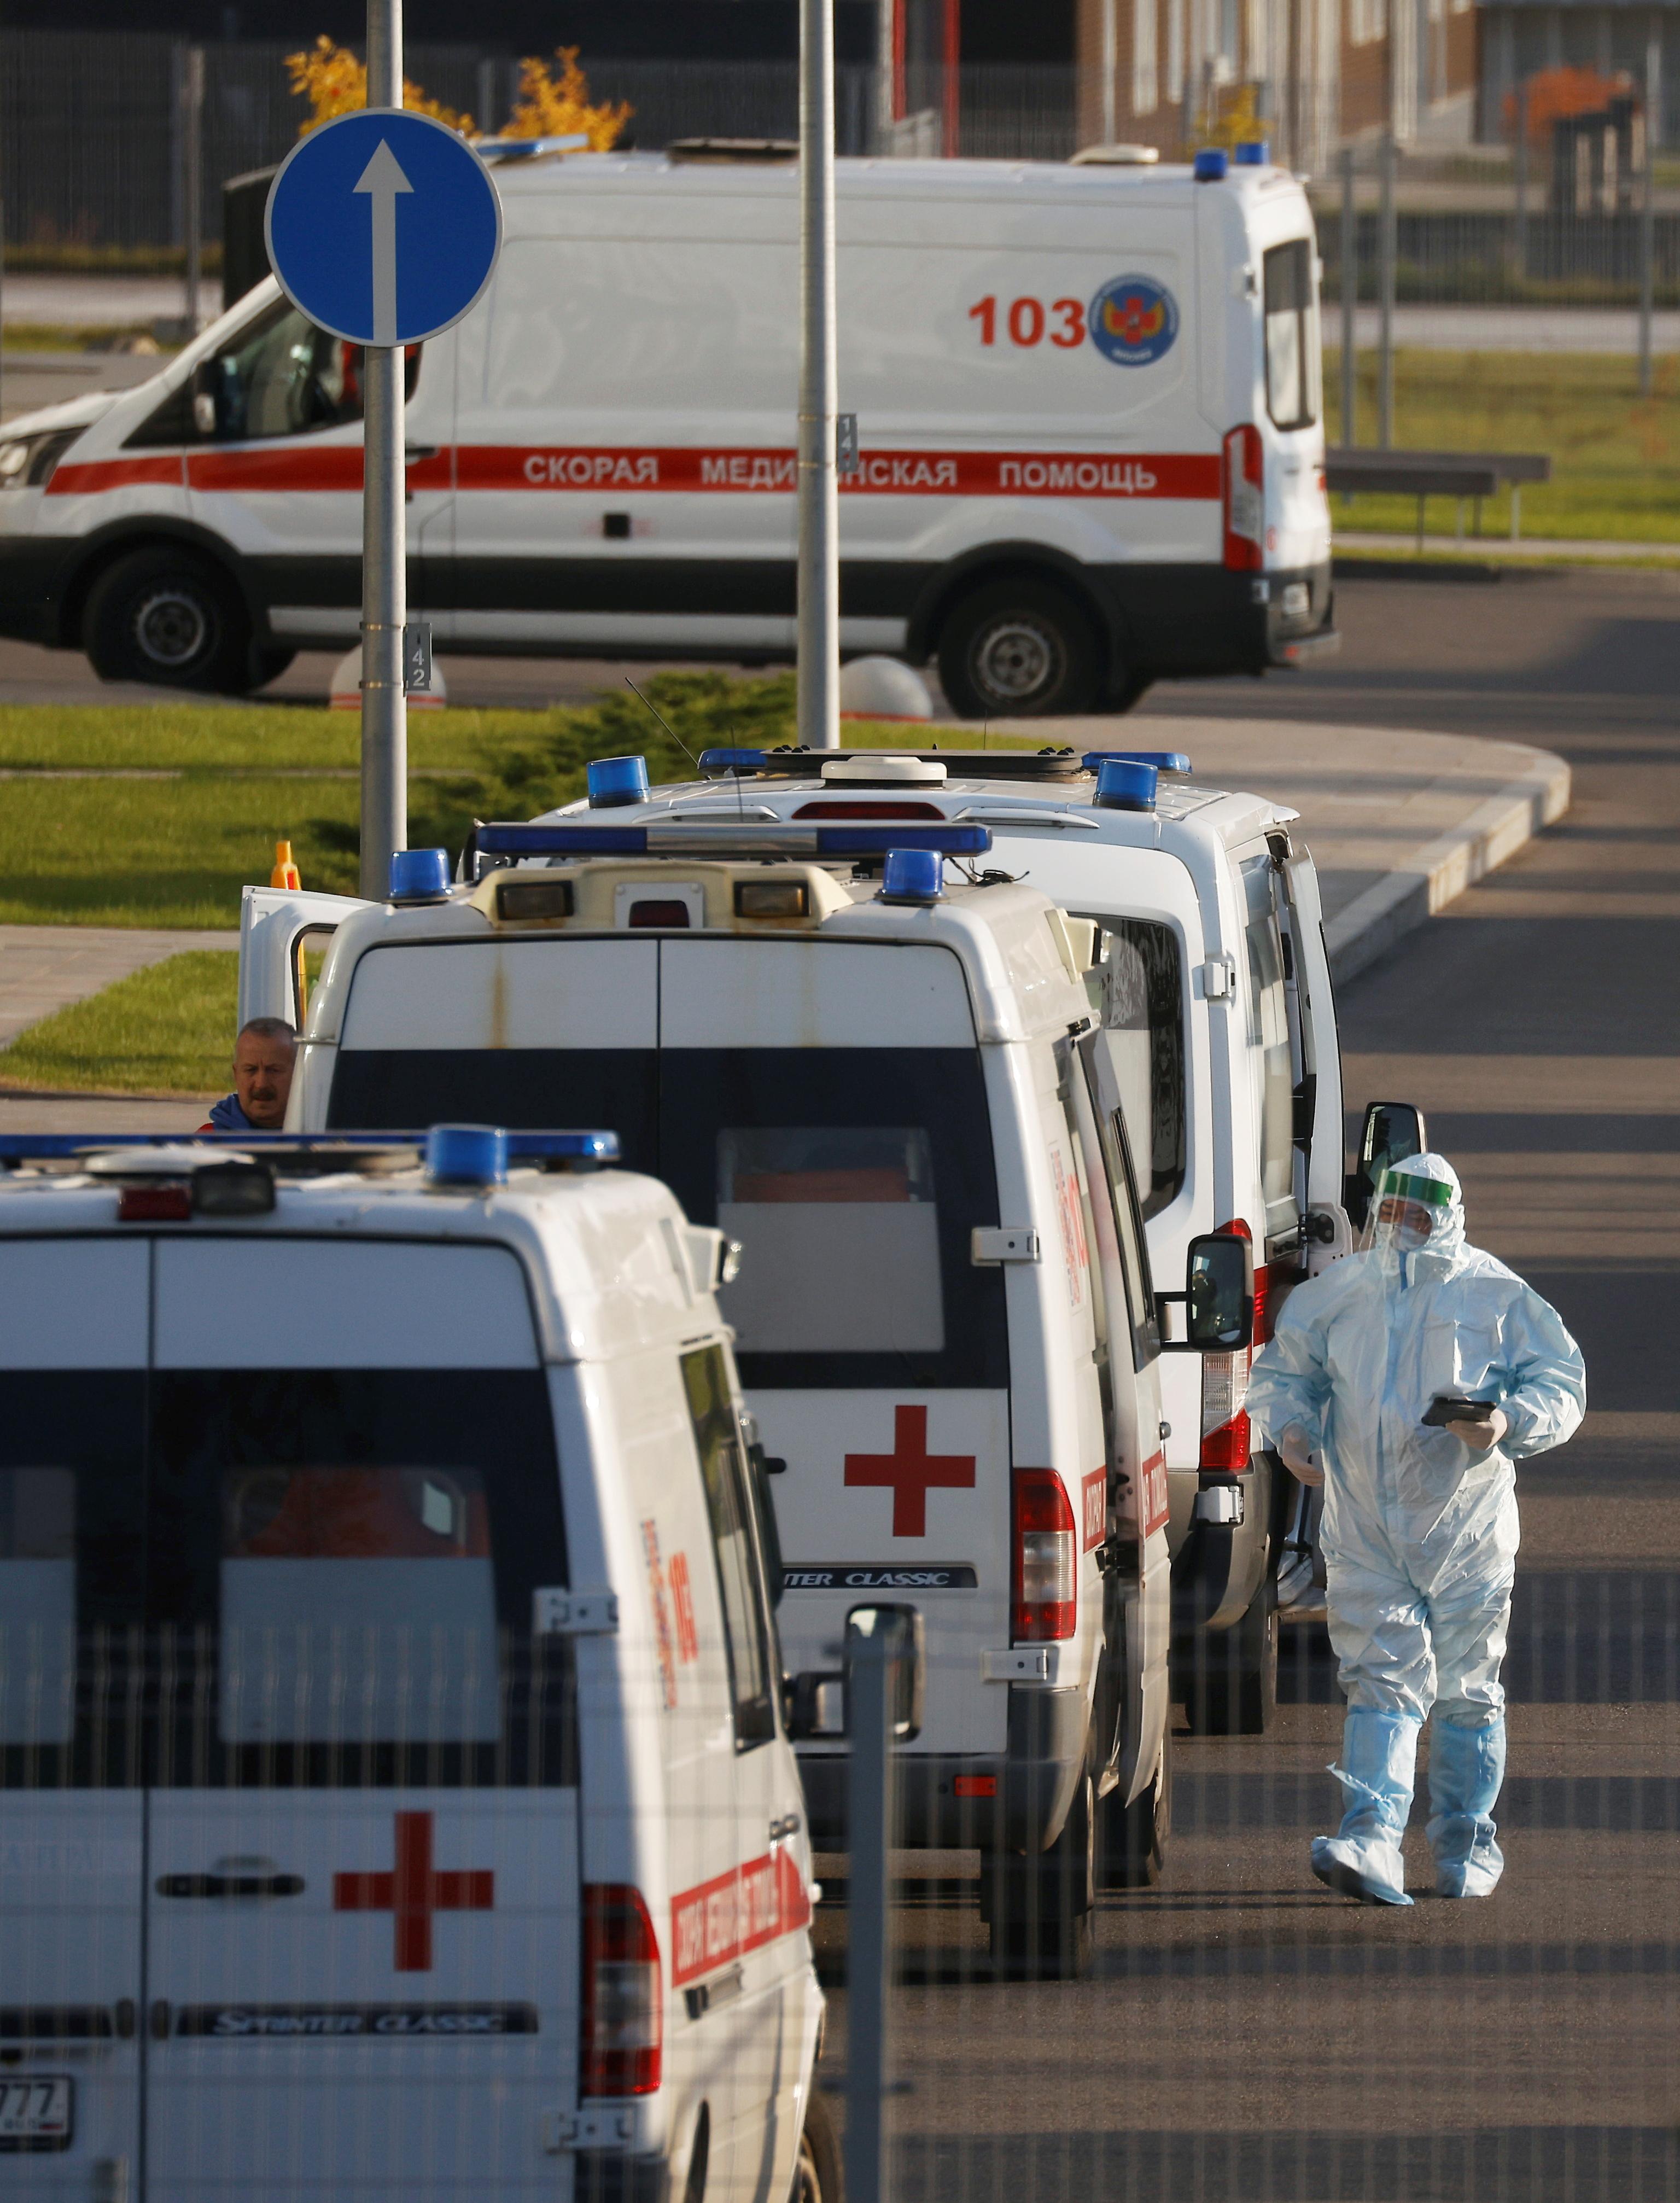 Un médico especialista pasa por ambulancias con gente infectada de Covid-19.